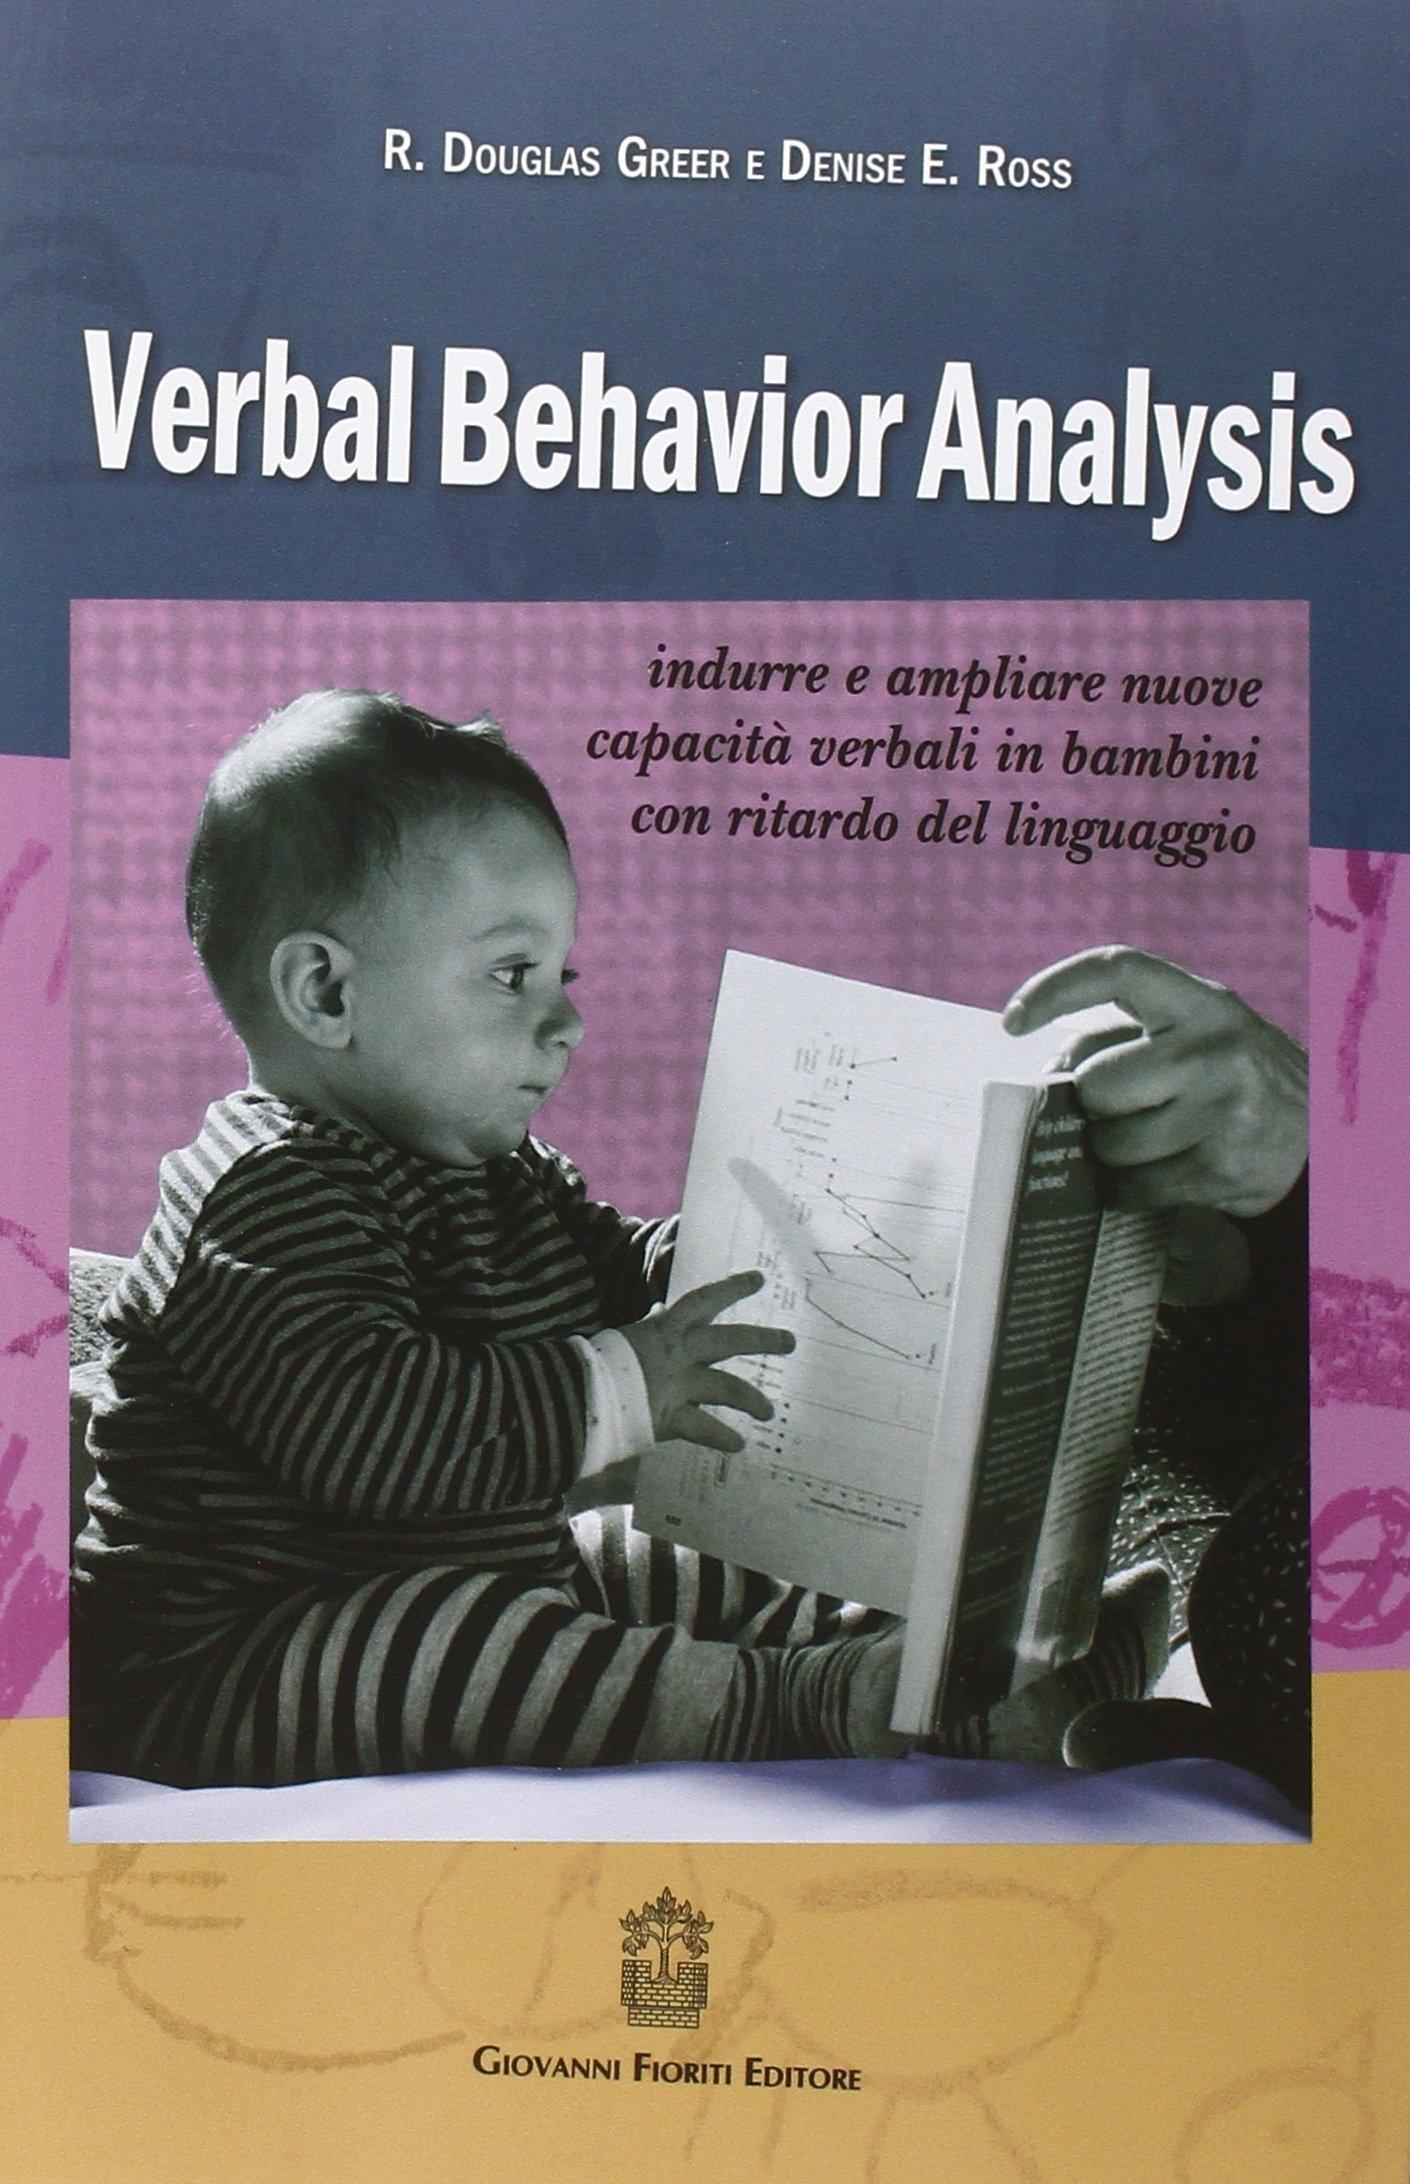 Verbal behavior analysis. Indurre e ampliare nuove capacità verbali in bambini con ritardo del linguaggio.